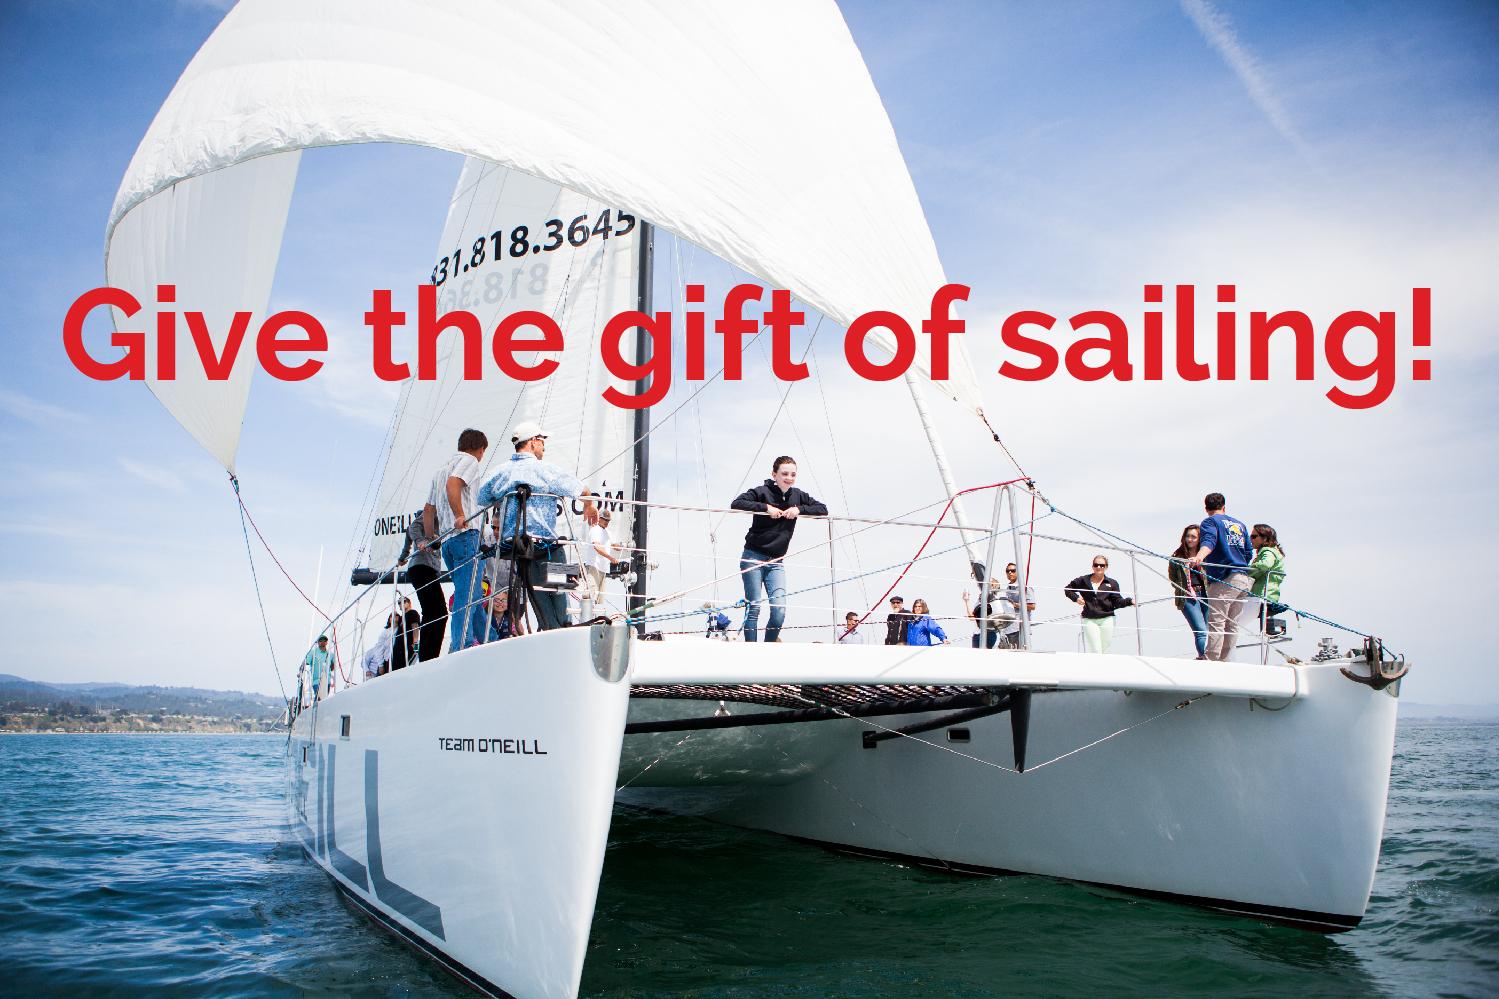 team-oneill-catamaran-gift-certificate